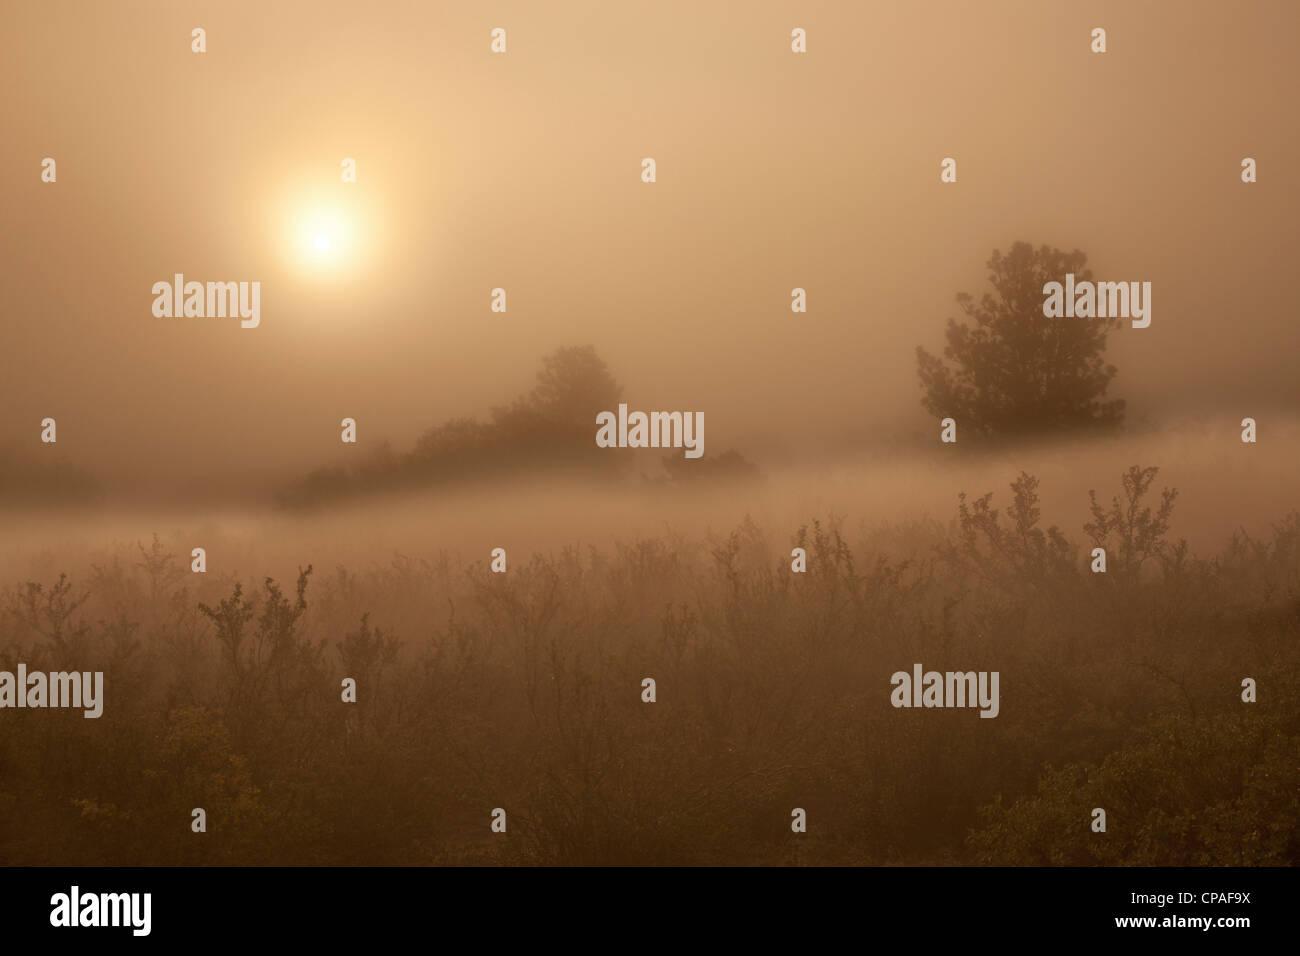 USA, Colorado, Colorado Springs, Palmer Park. The sun penetrates morning fog over field - Stock Image